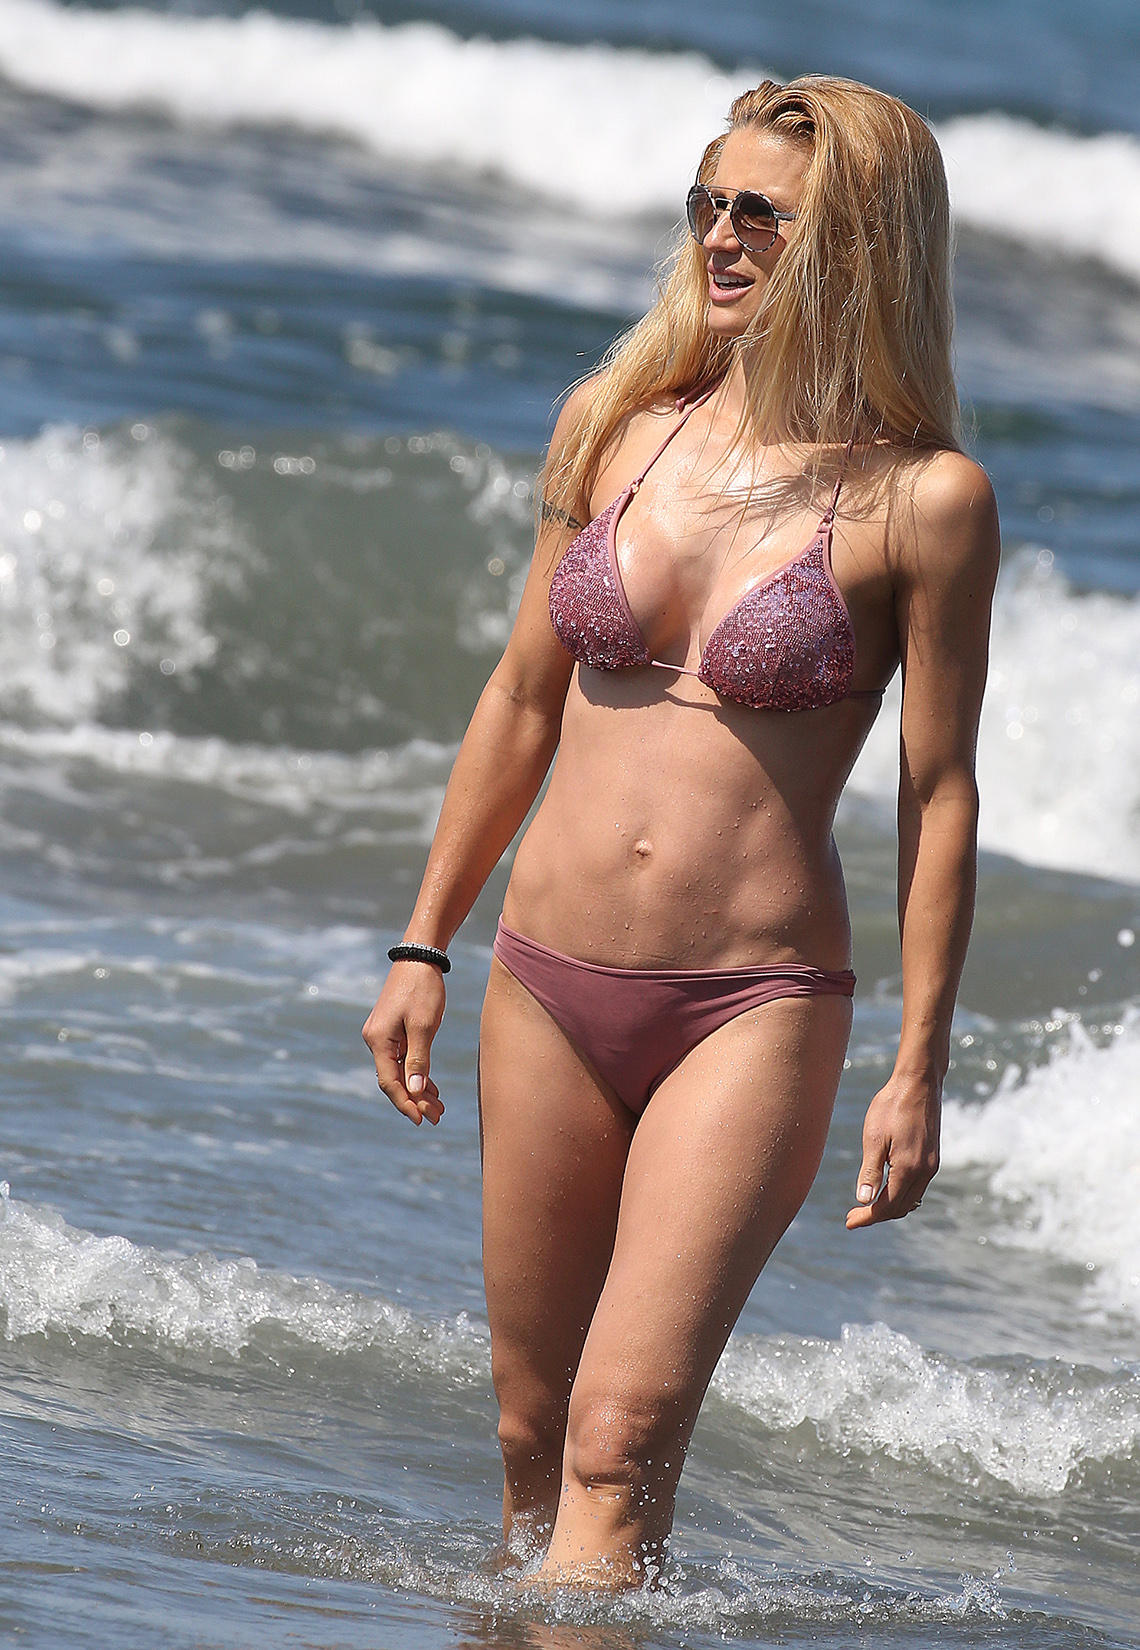 Mit dem altrosafarbenen Bikini mit Pailletten bringt Michelle sogar Glamour an den Strand. Und wir fragen uns, mit welchem Workout man nach drei Kindern so fantastisch aussehen kann.